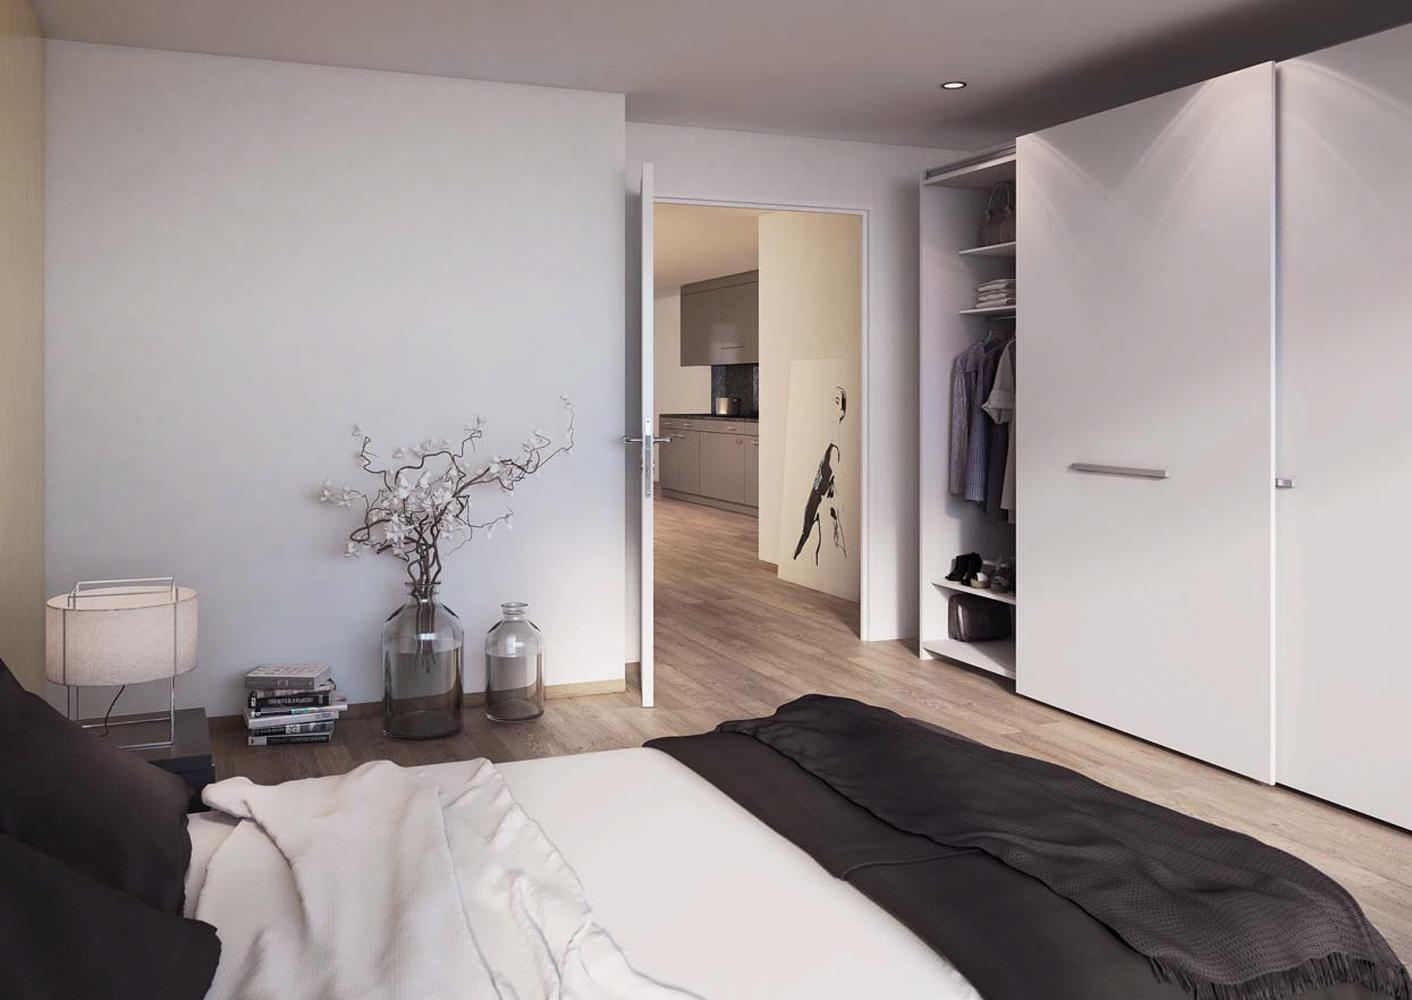 Maximise your space with sliding doorsMaximise your space with sliding doors